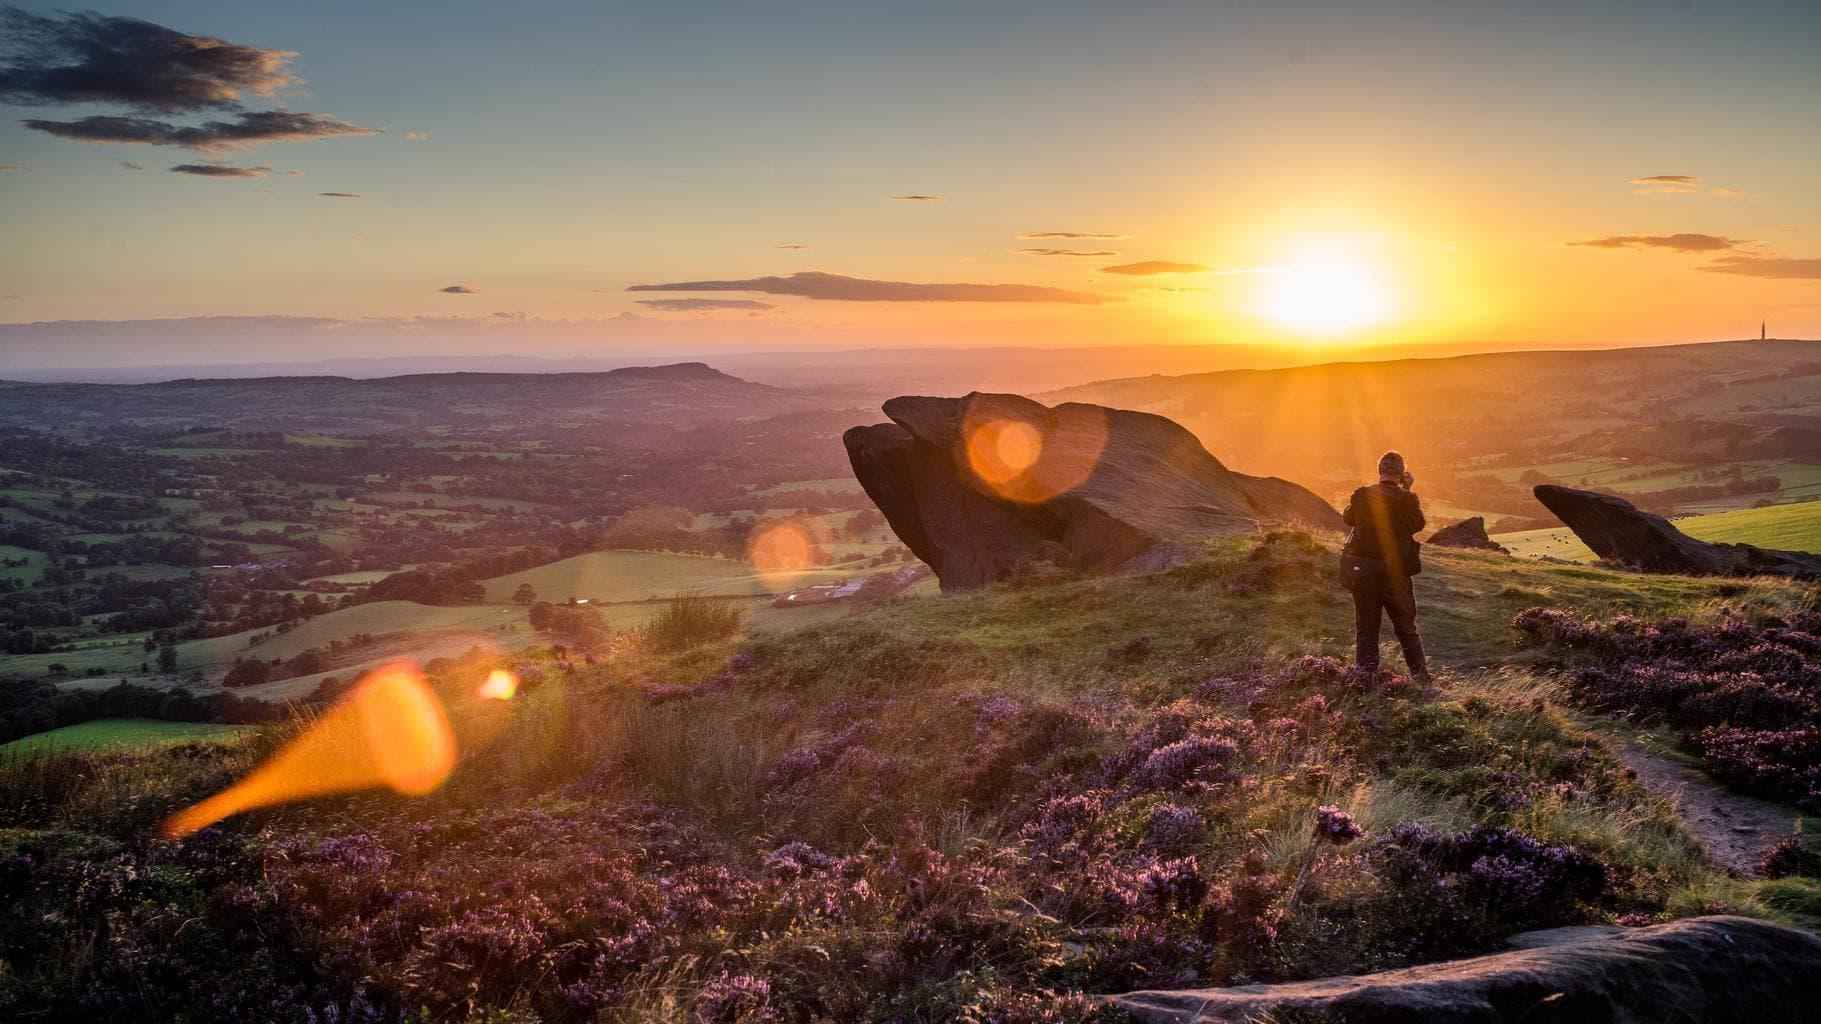 Hombre fotografiando el atardecer de unas vistas panorámicas